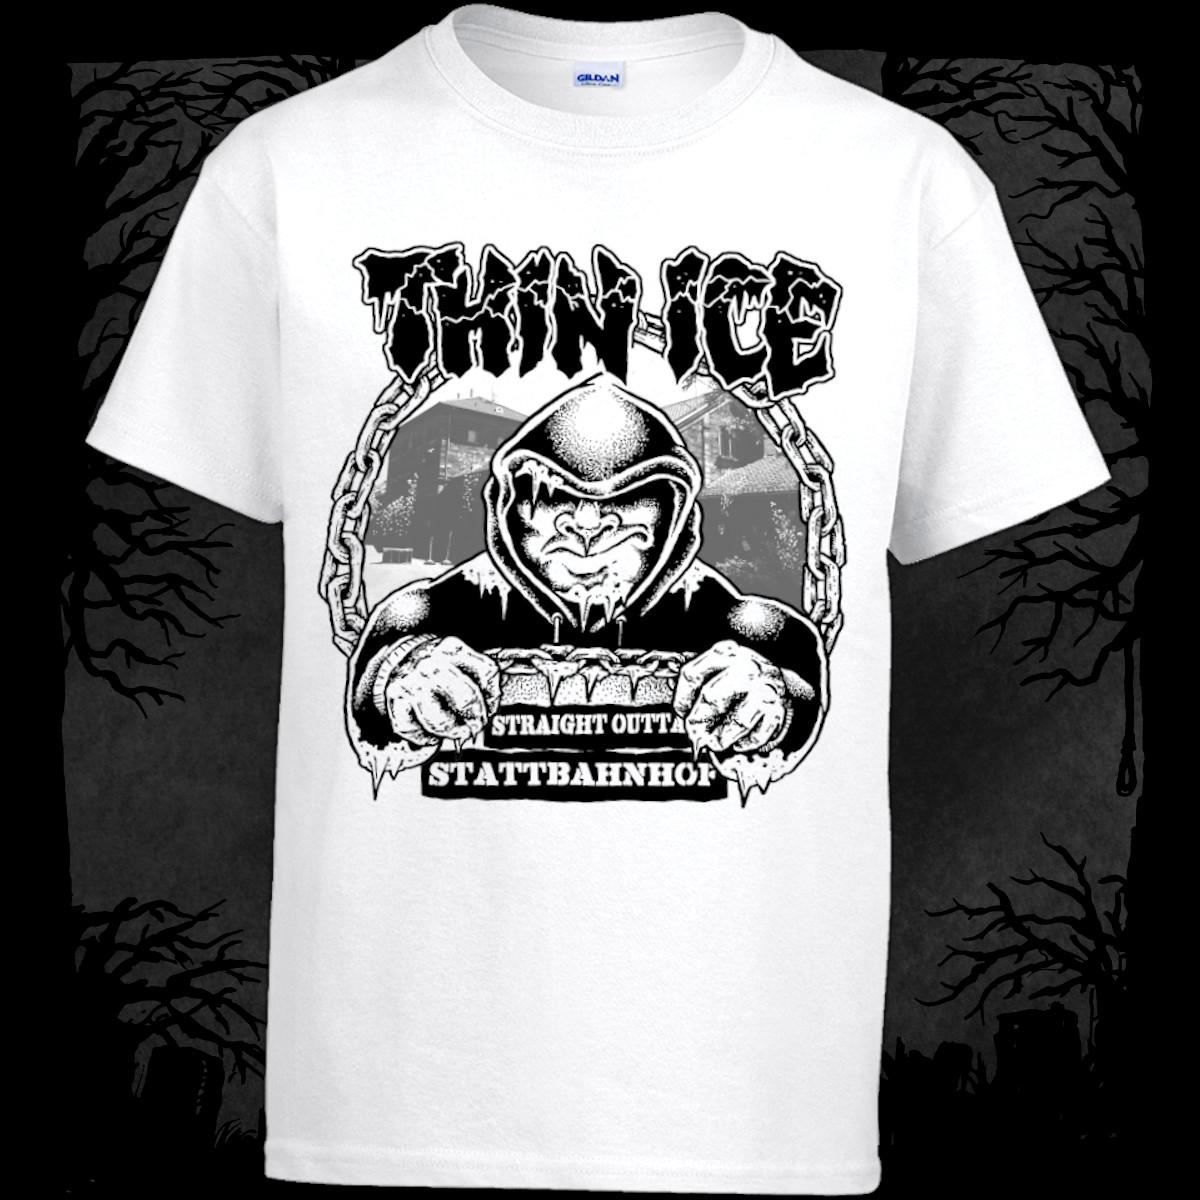 Thin Ice - Straight Outta Stattbahnhof [T-Shirt] (Farbe weiß:   Druck: schwarz)